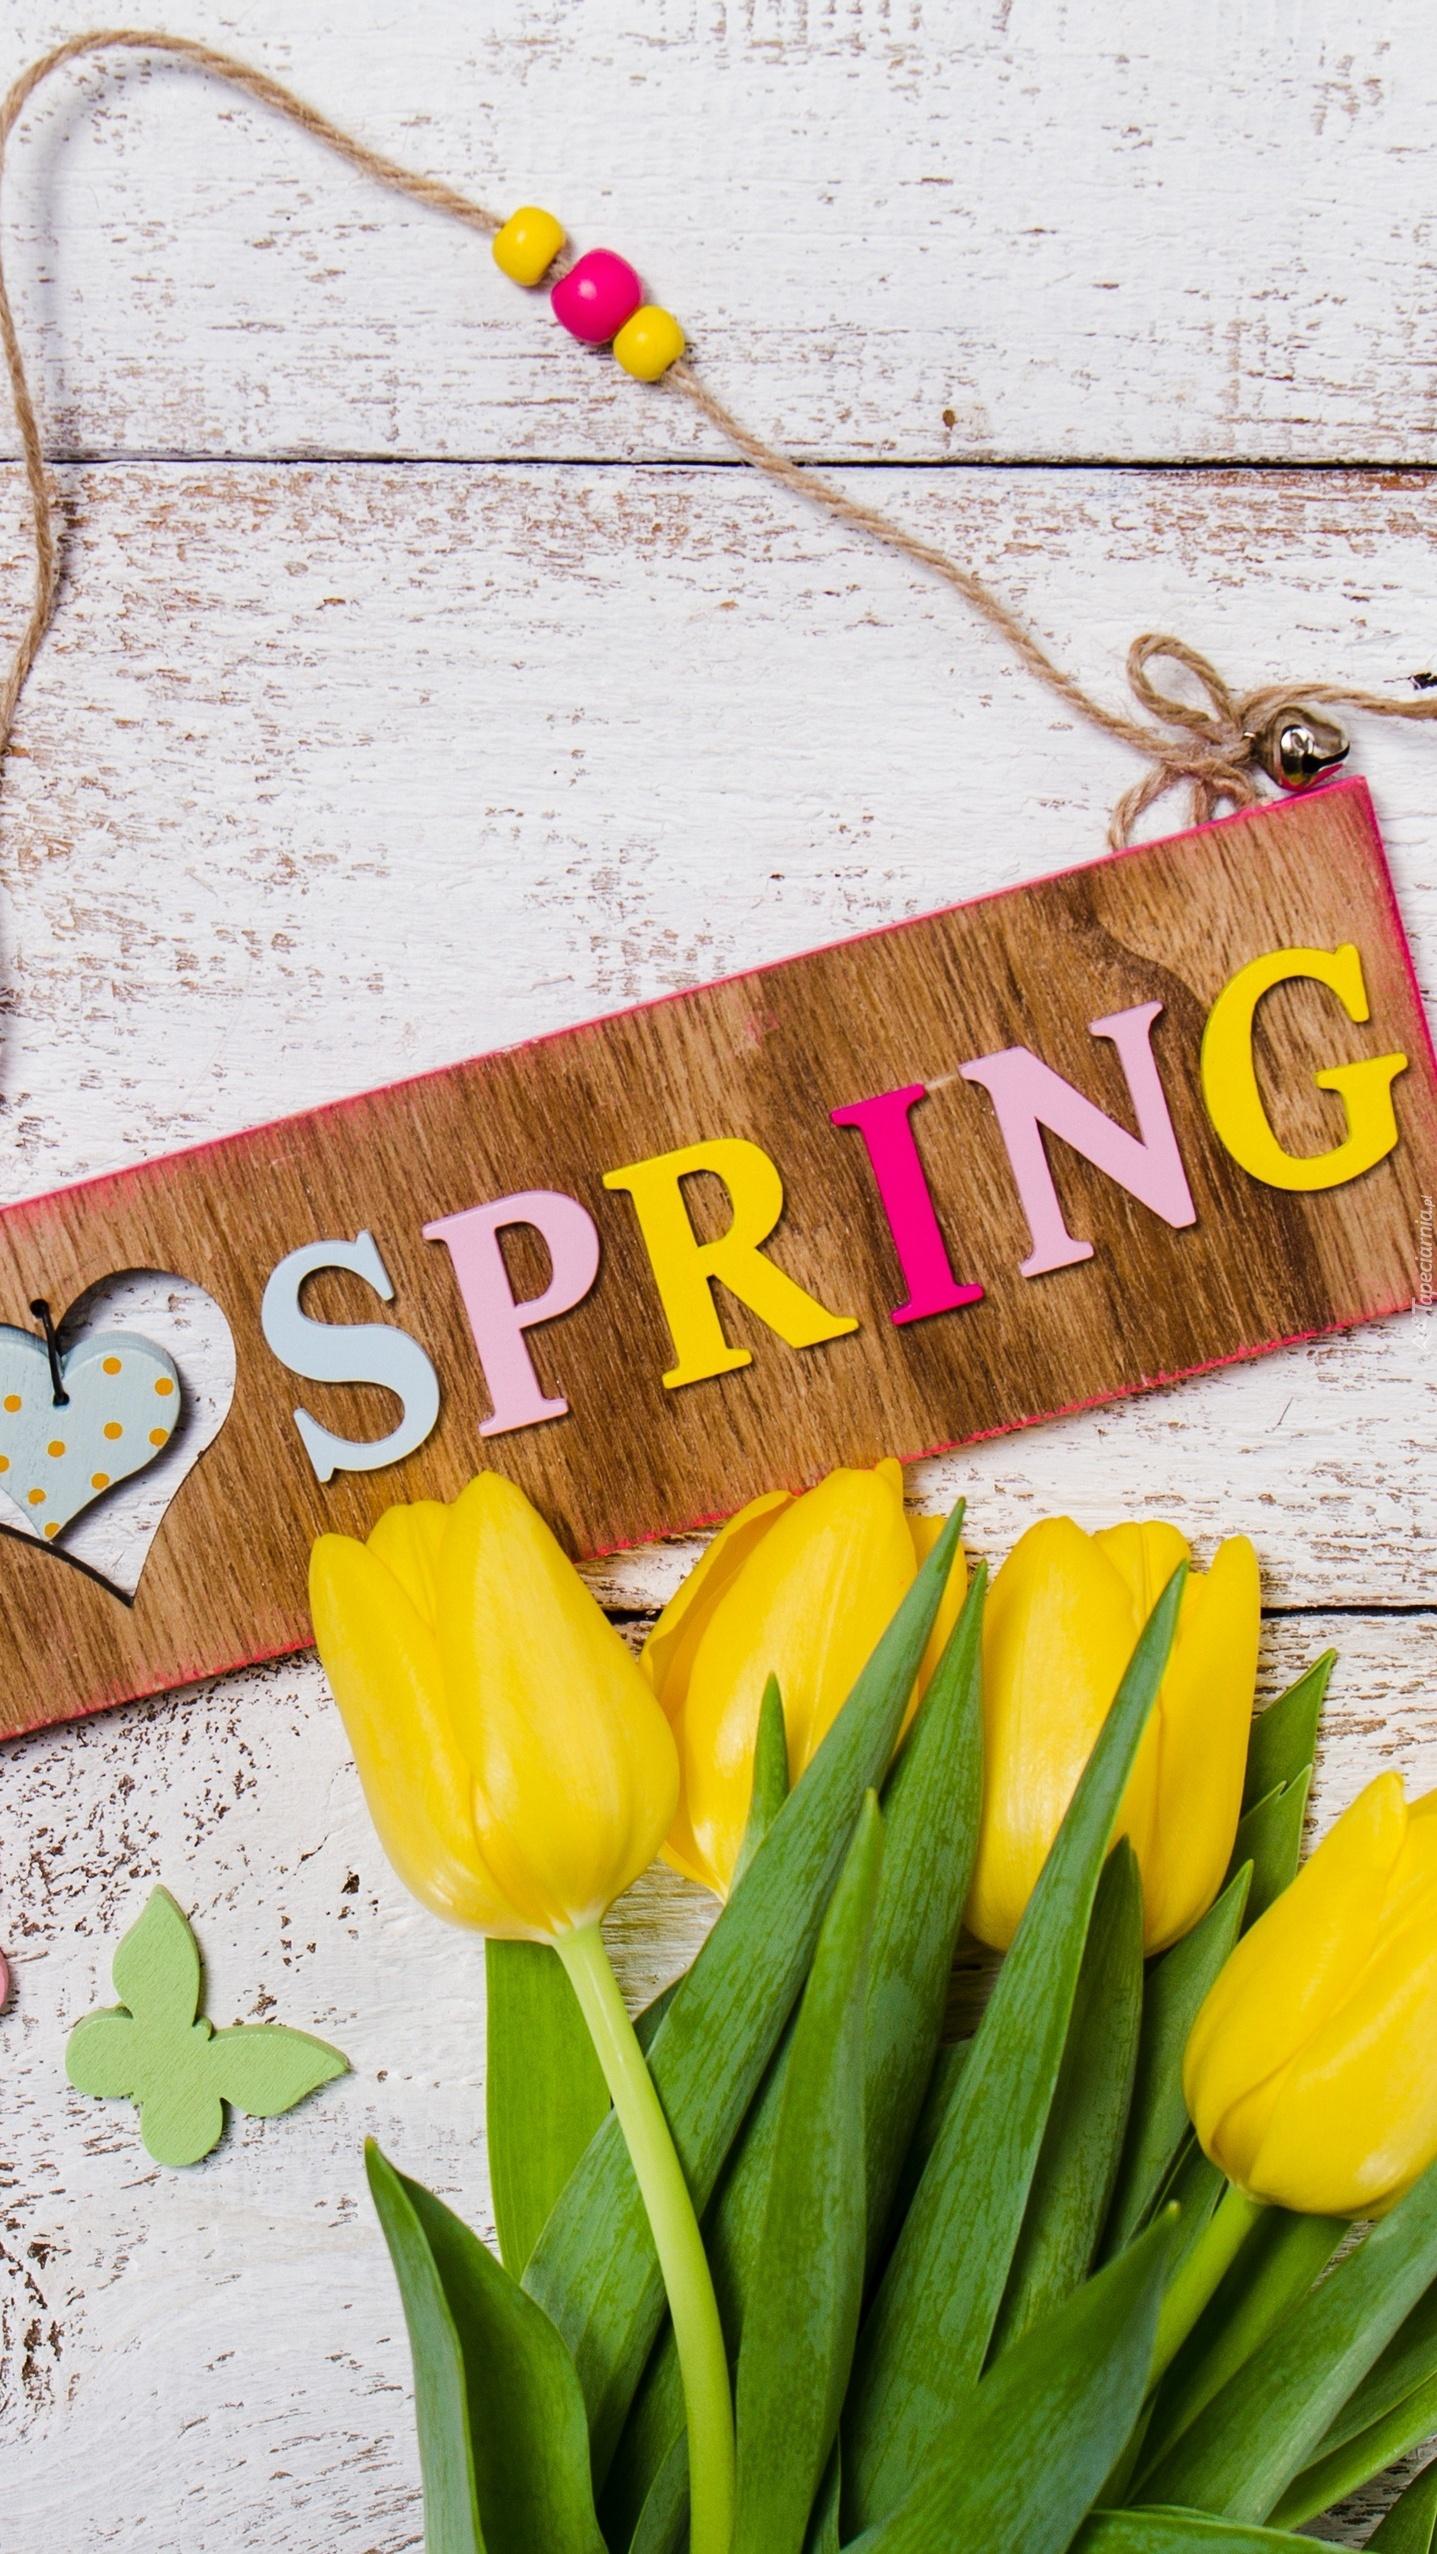 Żółte tulipany przy zawieszce z napisem Spring